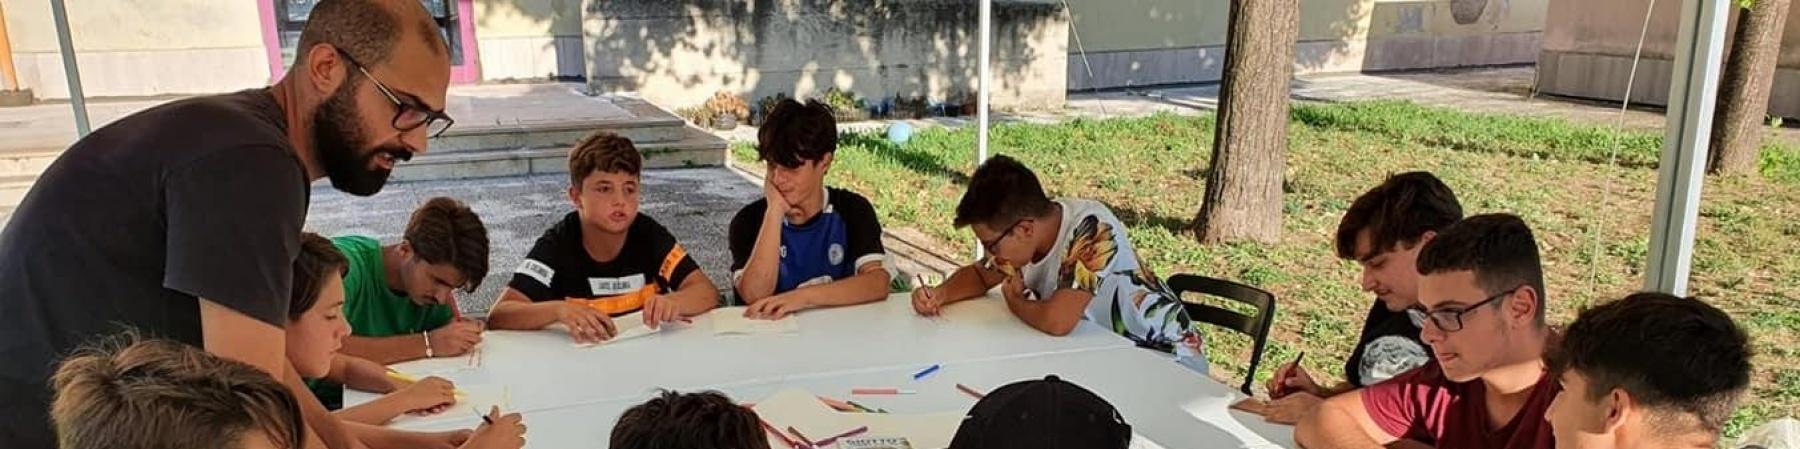 Studenti intorno a una tavola rotonda scrivono e studiano, un adulto li supervisiona